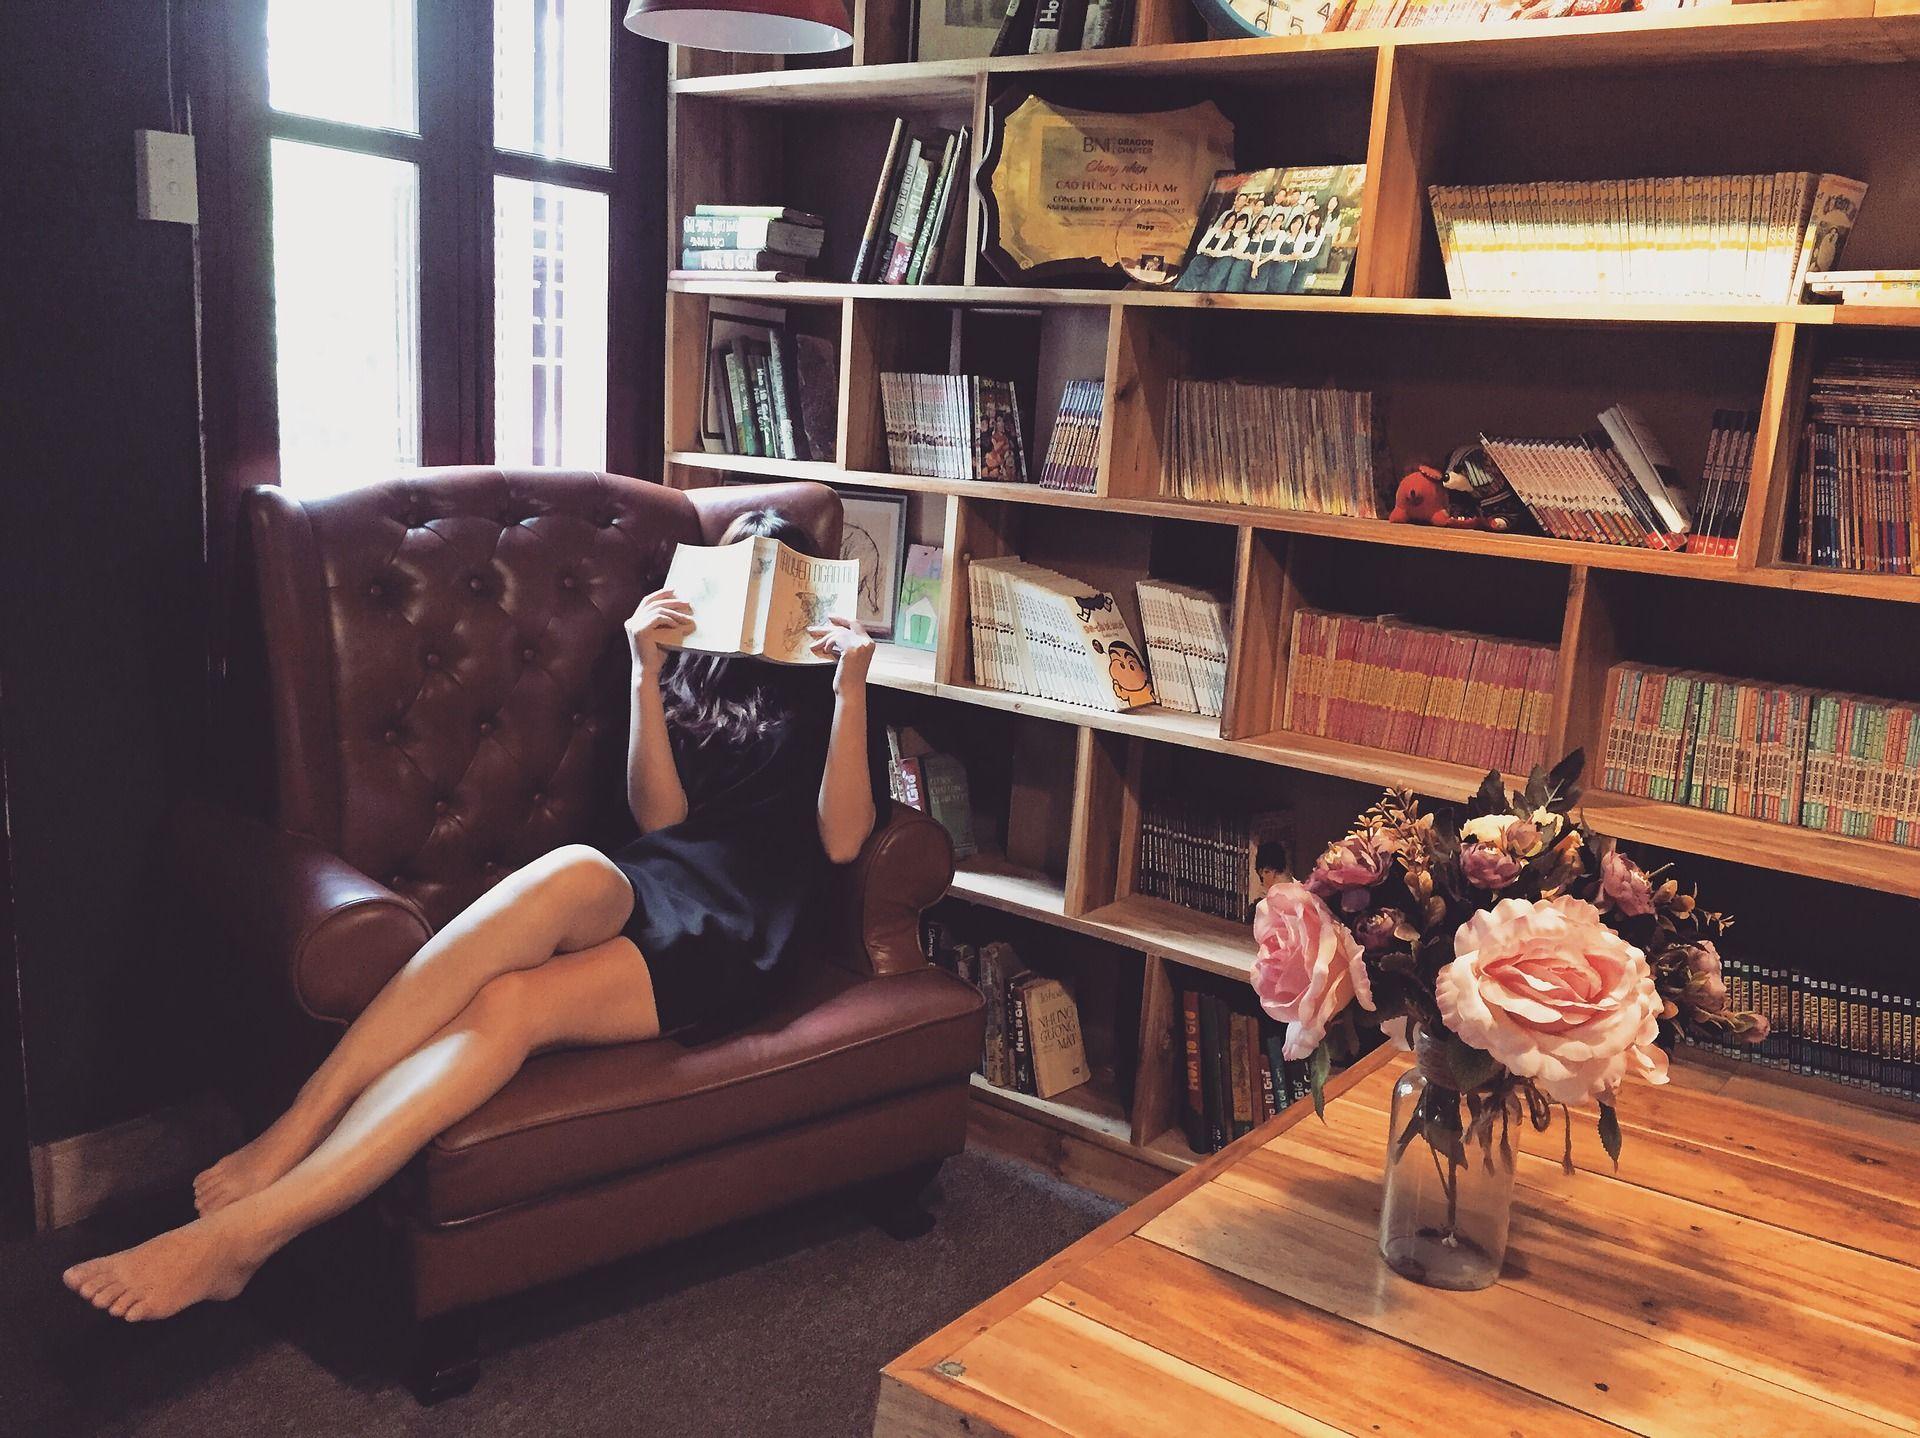 Imagens Gratis Livros Bibliotecas Leitores Com Imagens